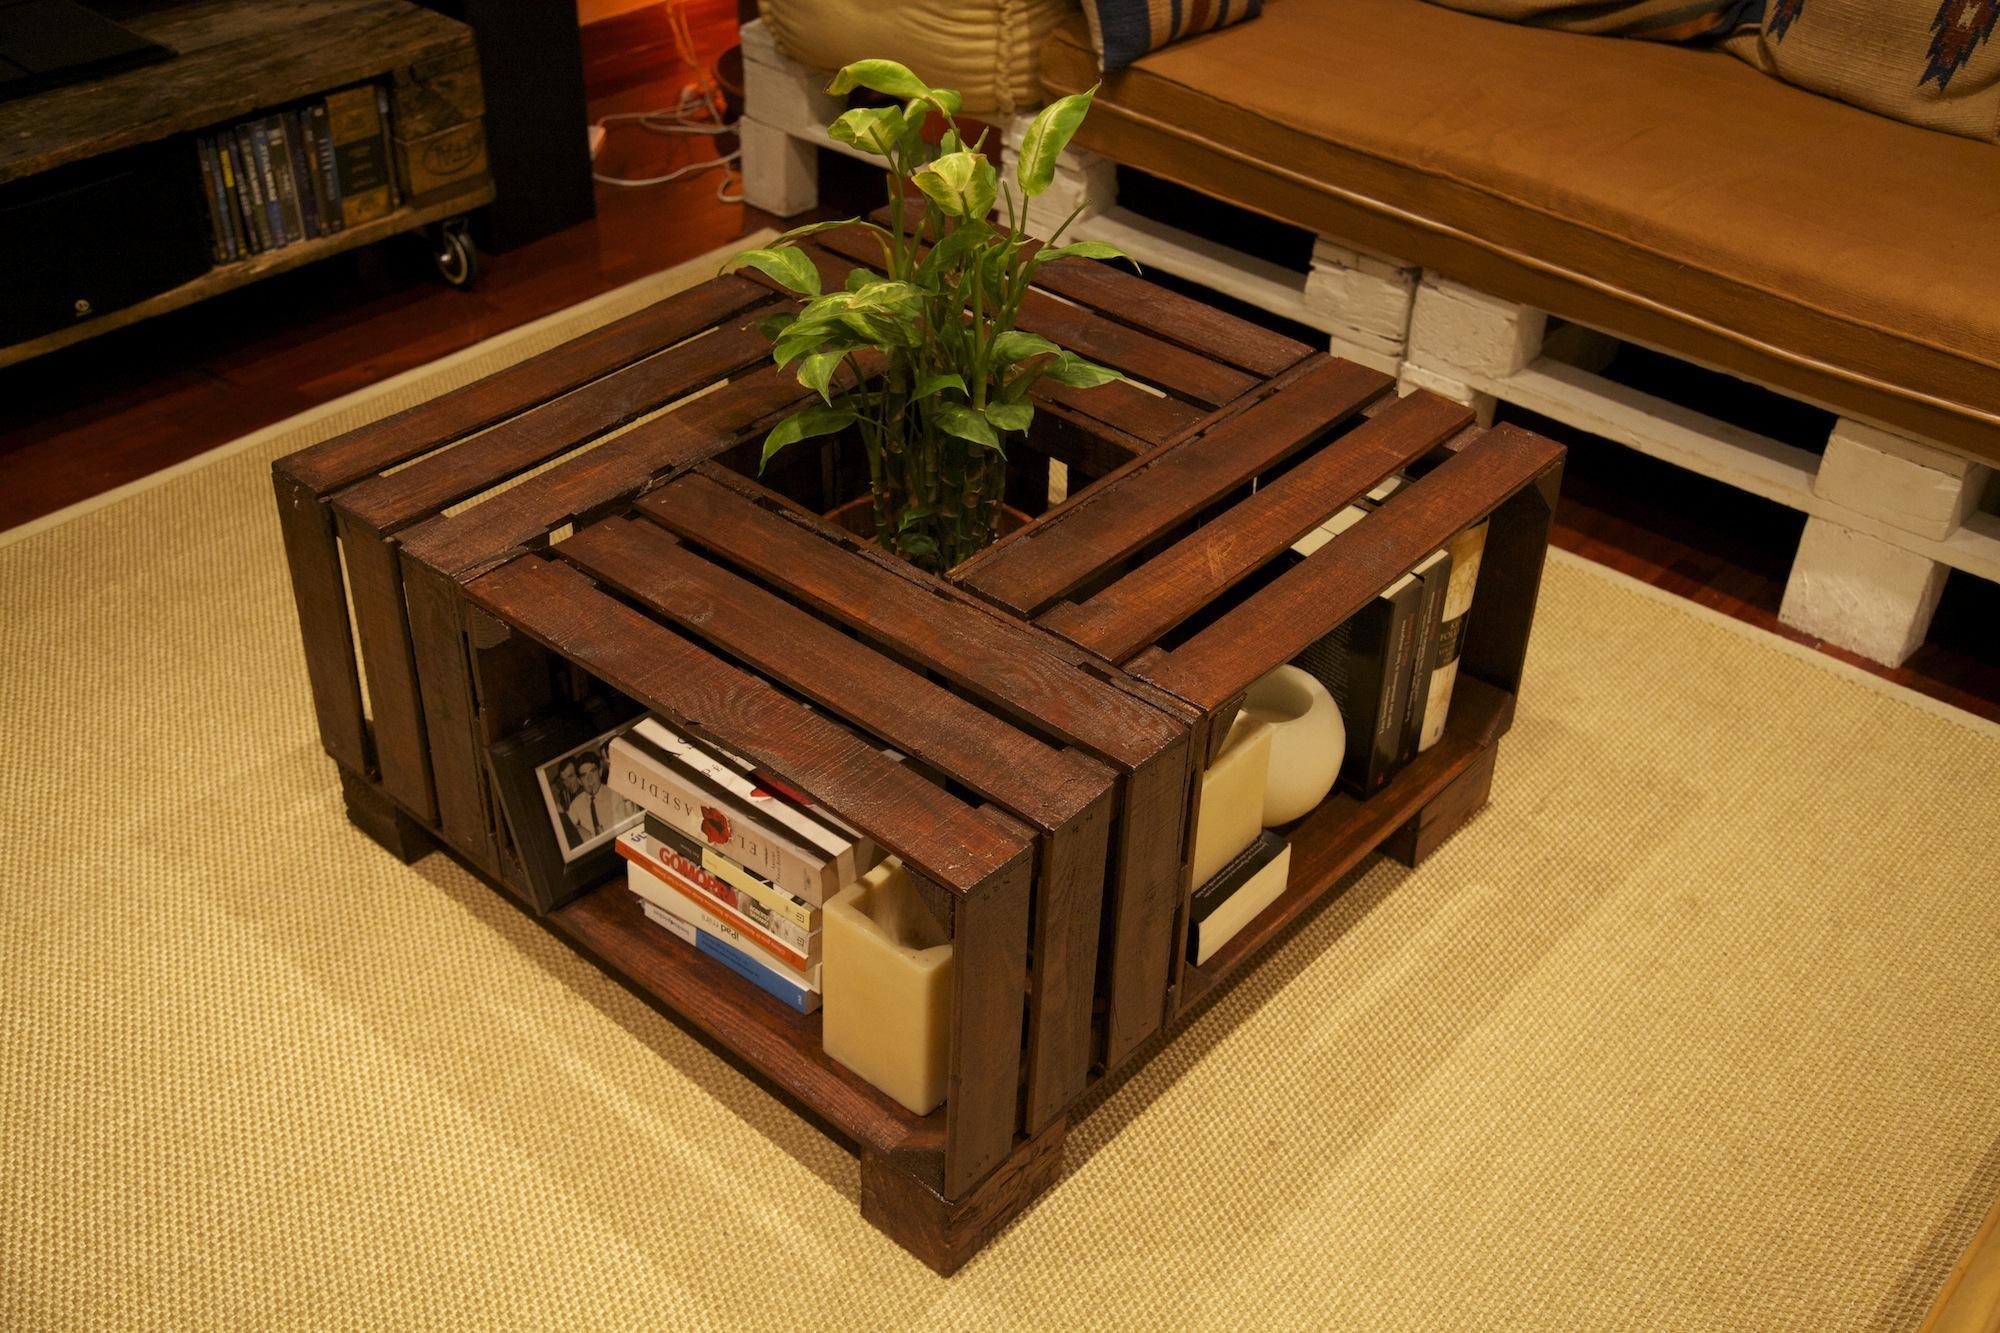 100 dise os de muebles con palets para interior y exterior - Como hacer una mesa con palets ...